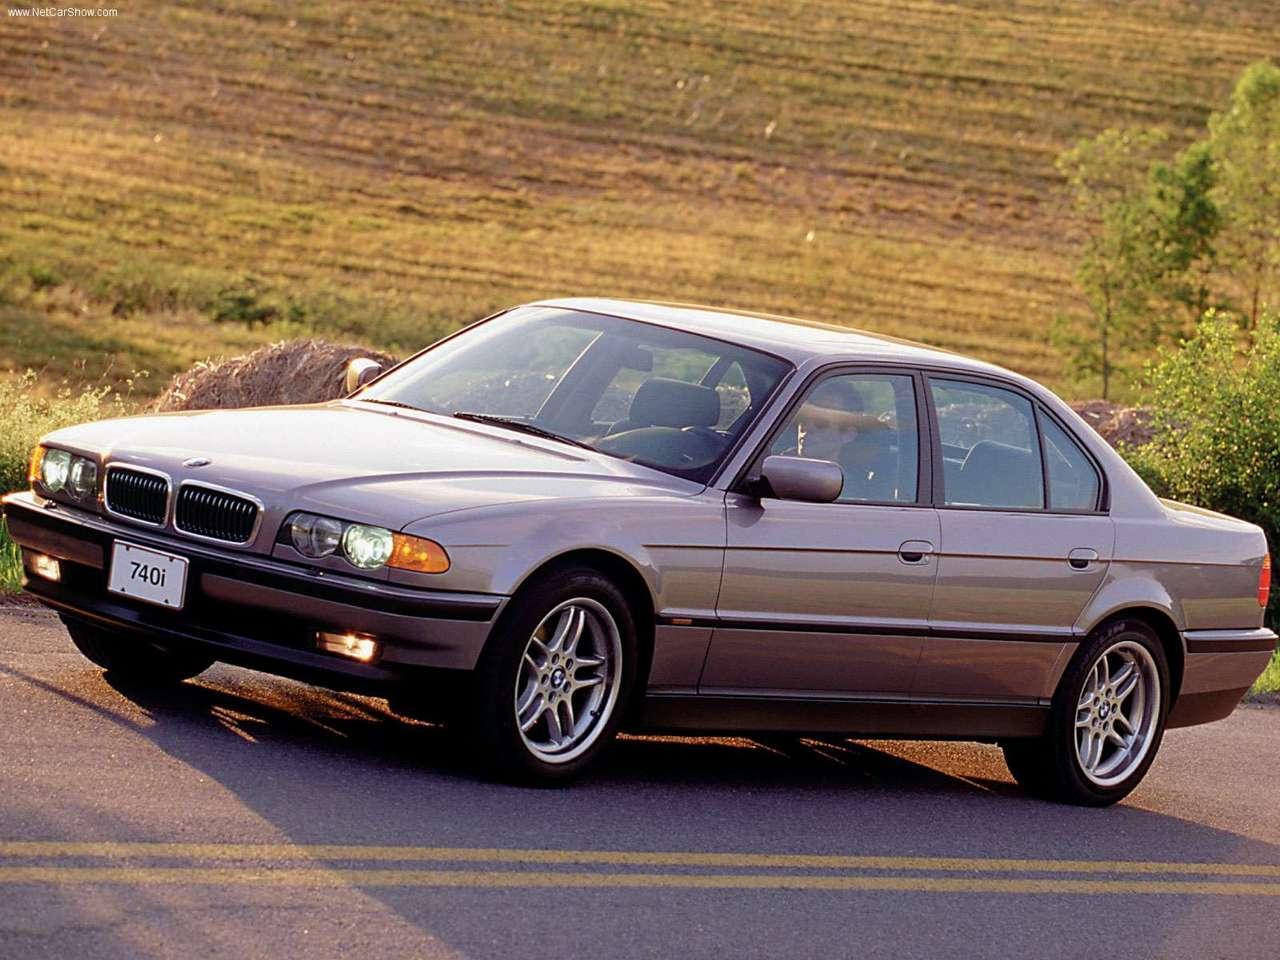 BMW-uri ce merita cumparate - BMW-uri ce merita cumparate